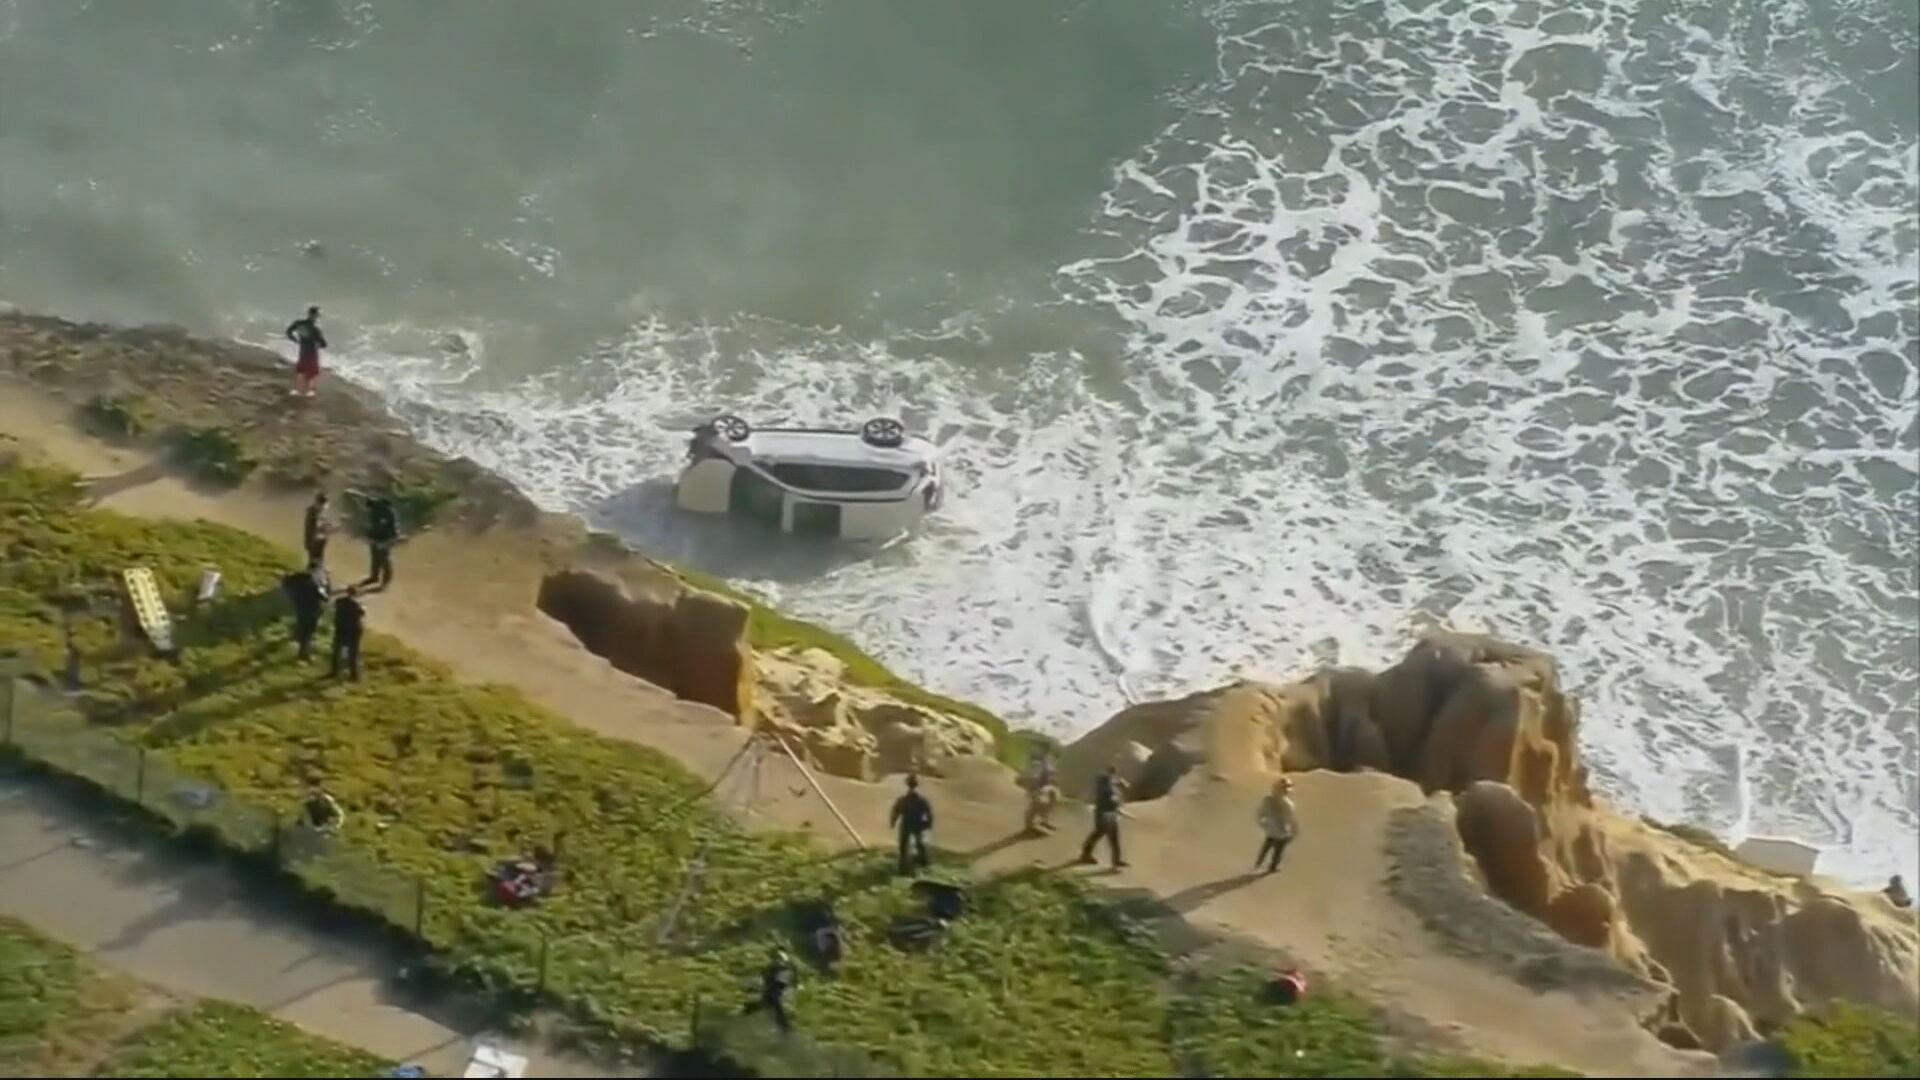 Carro cai de penhasco após acidente na praia de Carlsbad, perto da cidade da San